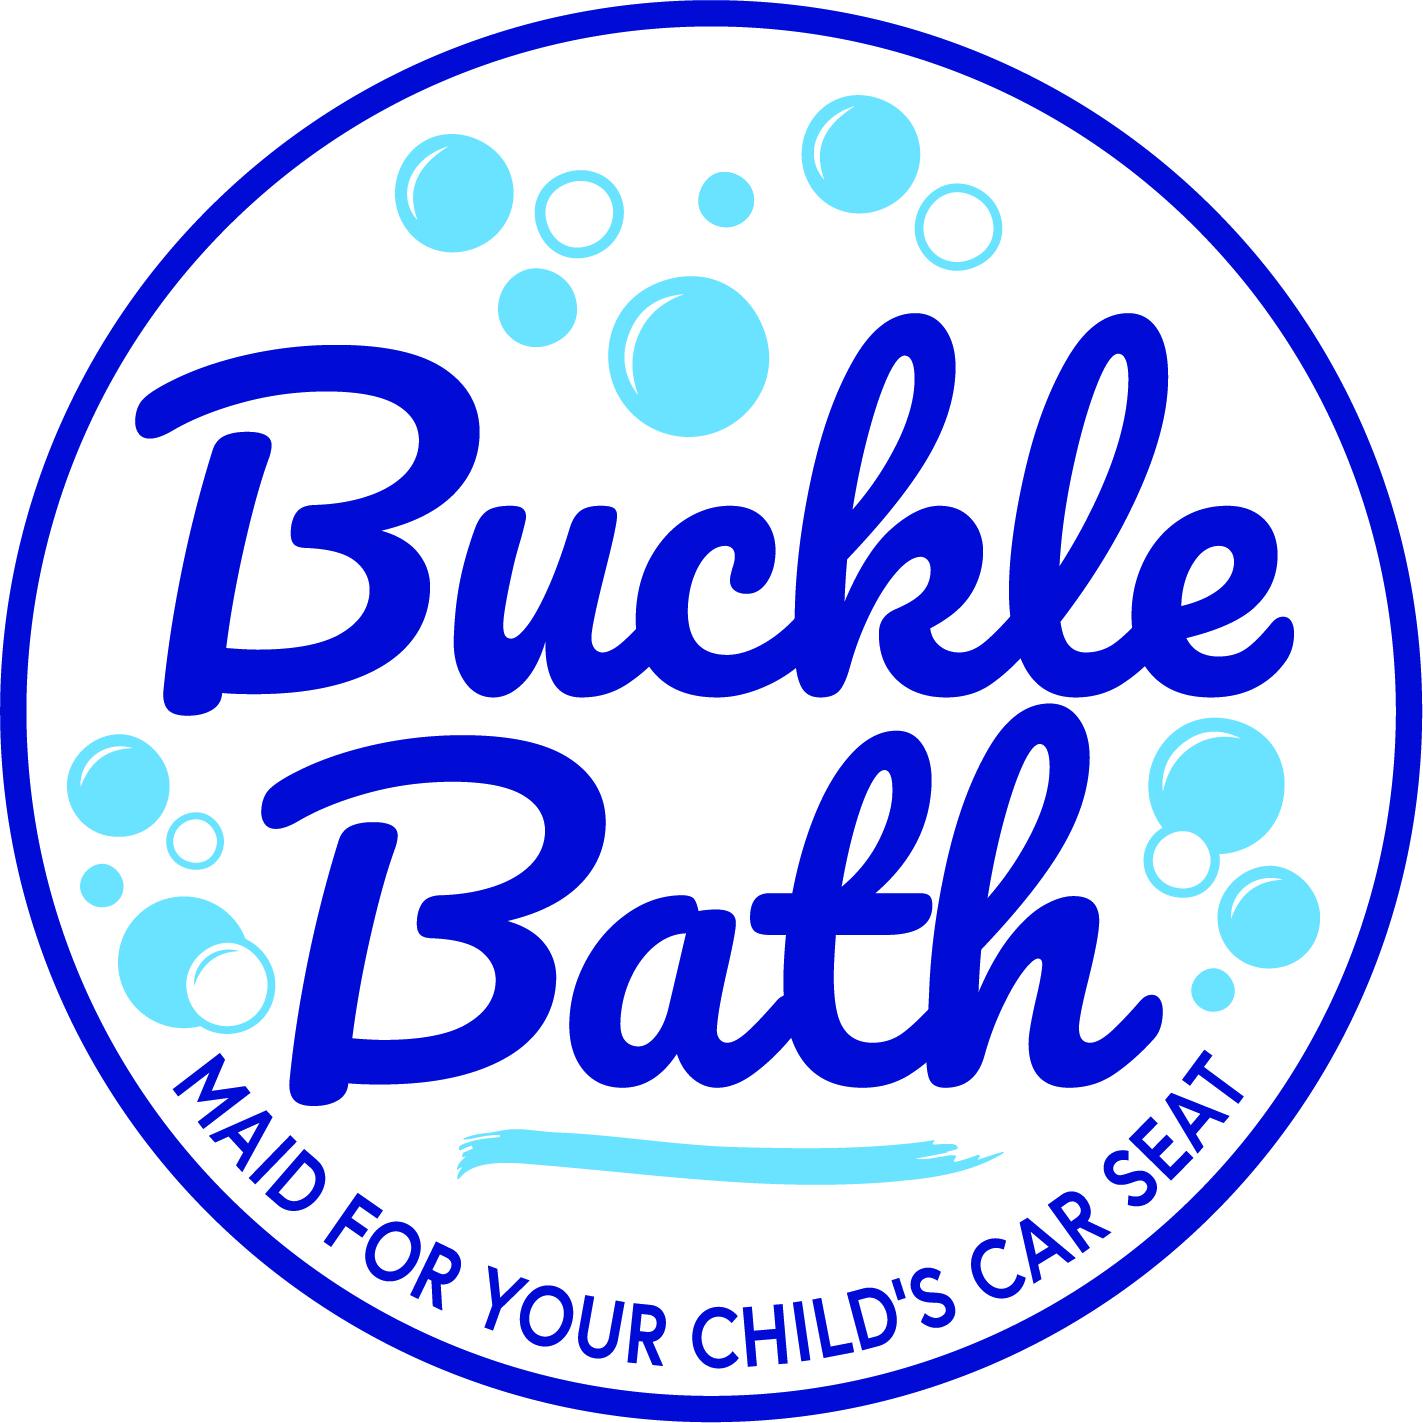 bucklebath_mark.jpg